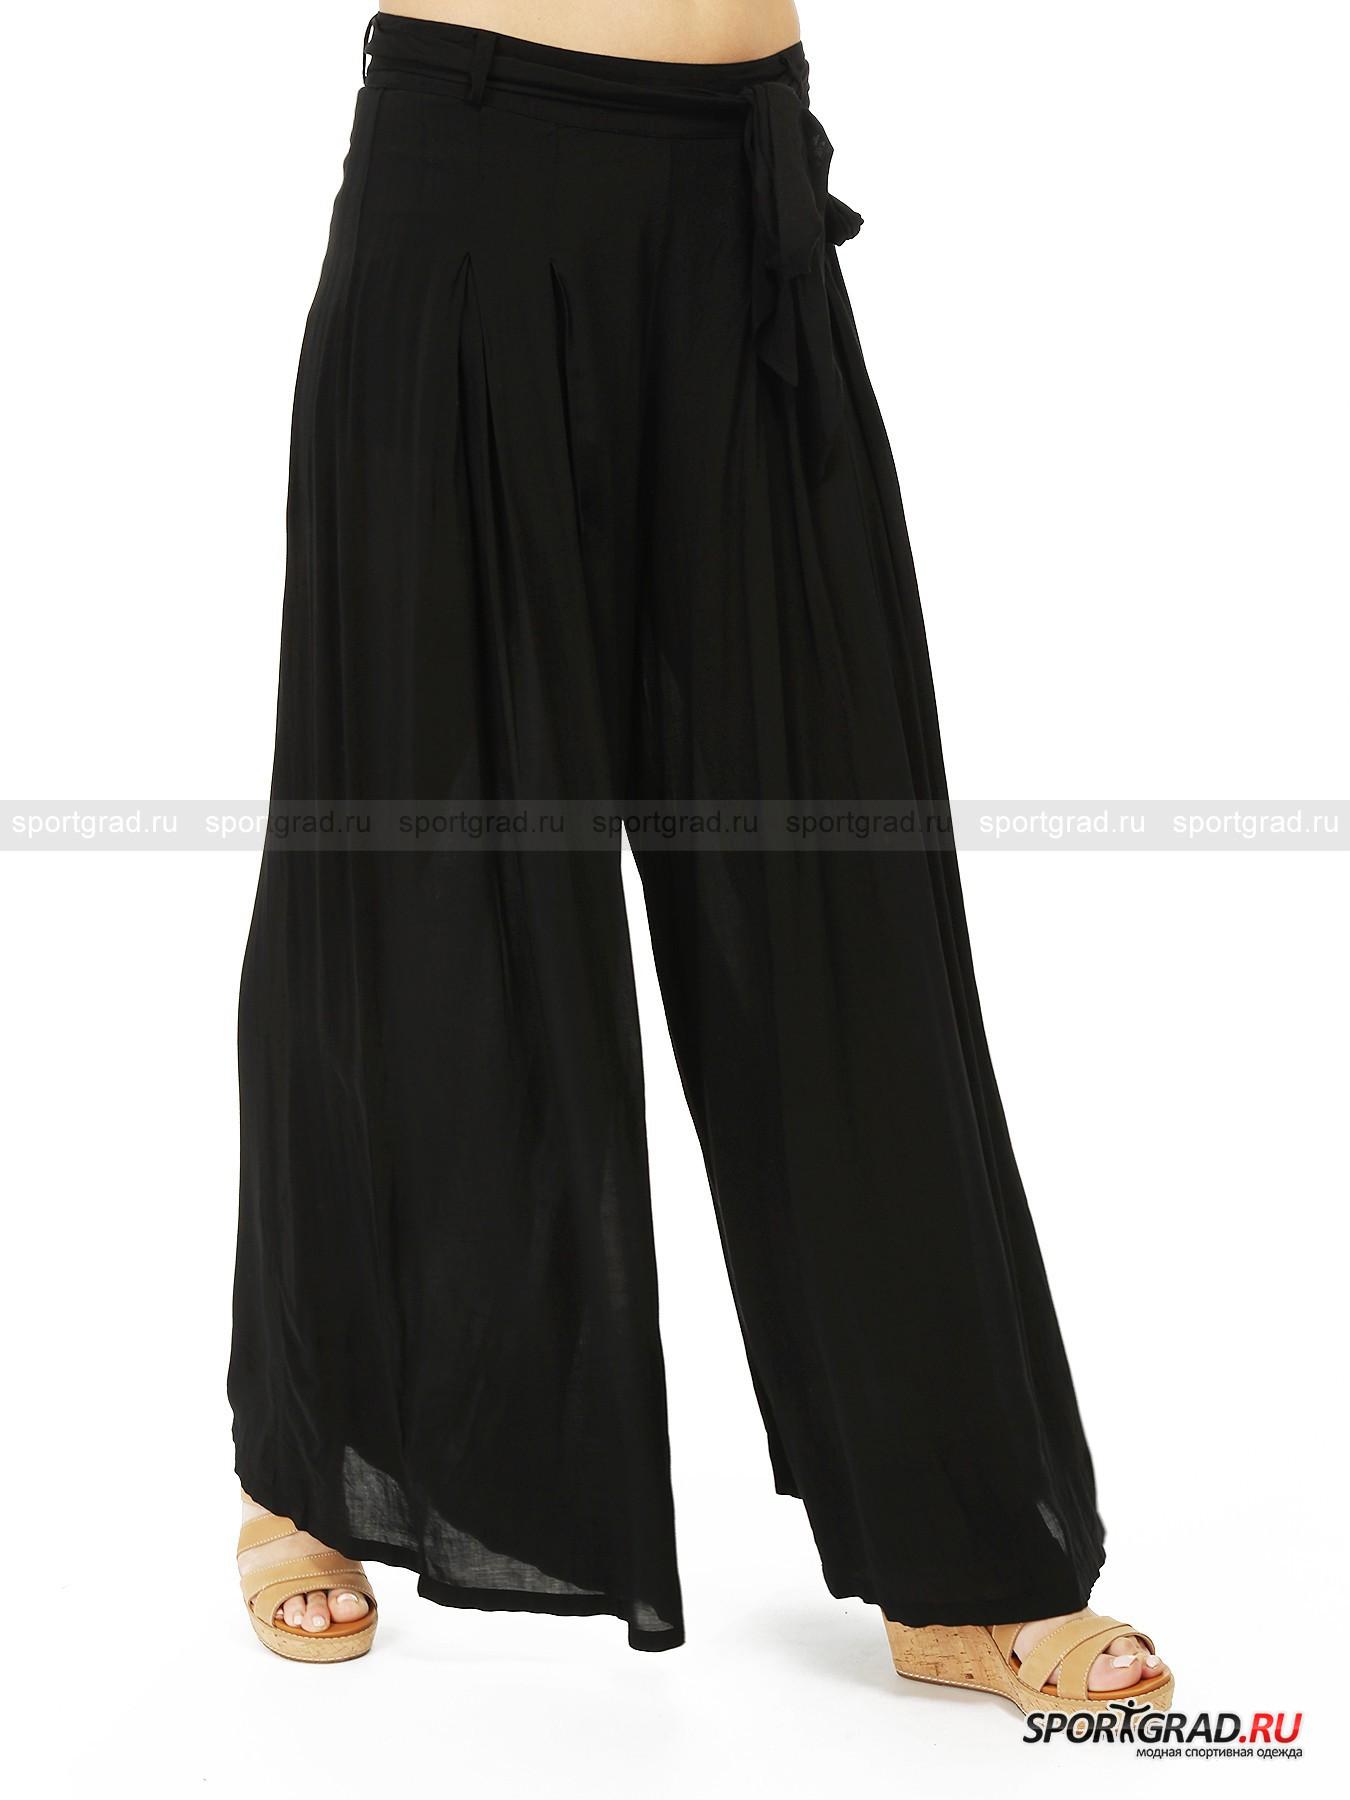 Брюки-юбка Pants DEHAБрюки<br>Брюки с широкими штанинами, напоминающие юбки – хит наступившего весенне-летнего сезона. Такие модели сейчас очень модные, и компания Deha также не прошла мимо тенденции. Результат вы можете видеть на этой странице.<br><br>Брюки изготовлены из тонкого, слегка просвечивающего, красиво драпирующегося и приятного к телу материала. Они будто бы окутывают тело полупрозрачной дымкой, сквозь которую угадываются очертания фигуры. Пояс здесь не растягивается, штаны застегиваются при помощи молнии сзади и дополнительно фиксируются лентой на бедрах.<br><br>Пол: Женский<br>Возраст: Взрослый<br>Тип: Брюки<br>Рекомендации по уходу: стирка в теплой воде до 30 С; не отбеливать; гладить слегка нагретым утюгом (температура до 110 C); химическая чистка сухим способом; нельзя выжимать и сушить в стиральной машине<br>Состав: 100% вискоза